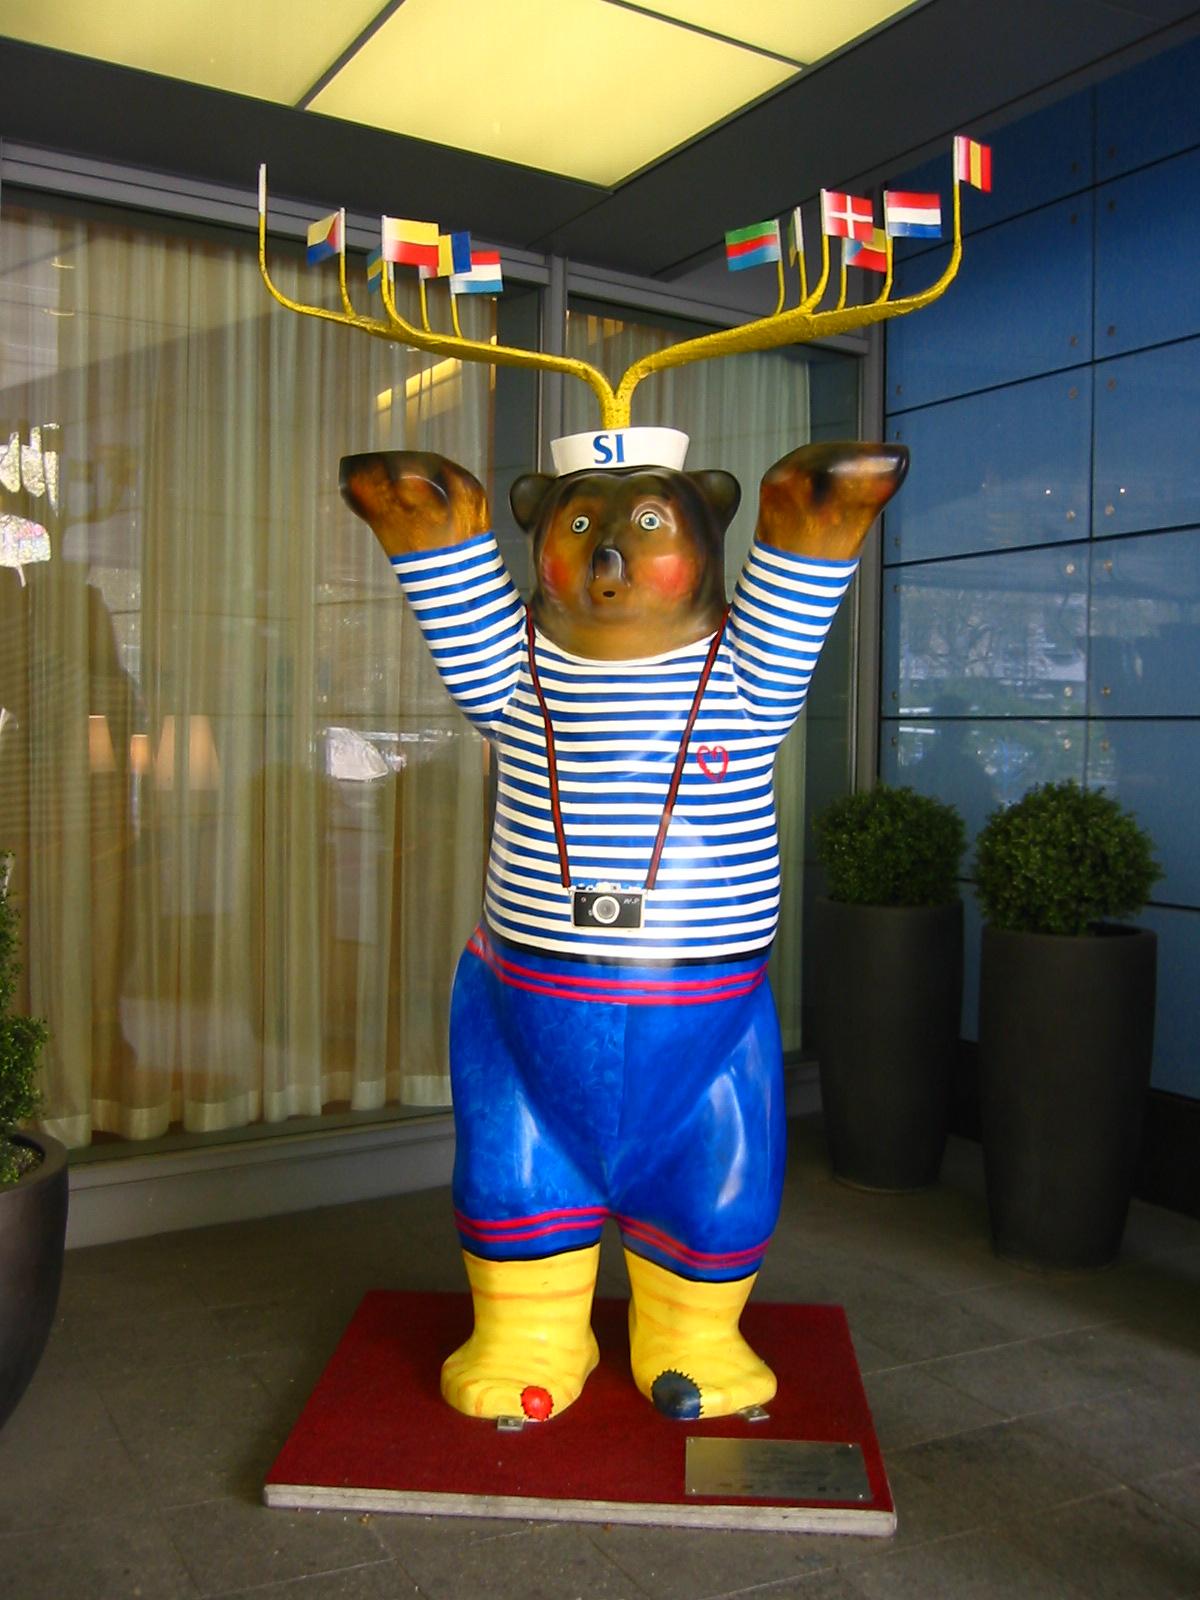 Buddy Bear: SI Bär (former Air Bär). Standort/Location: in front of Best Western Hotel Steglitz International, Albrechtstr. 2, Berlin-Steglitz. Urheber: Wikimedia Commons User: BLueFiSH.as.